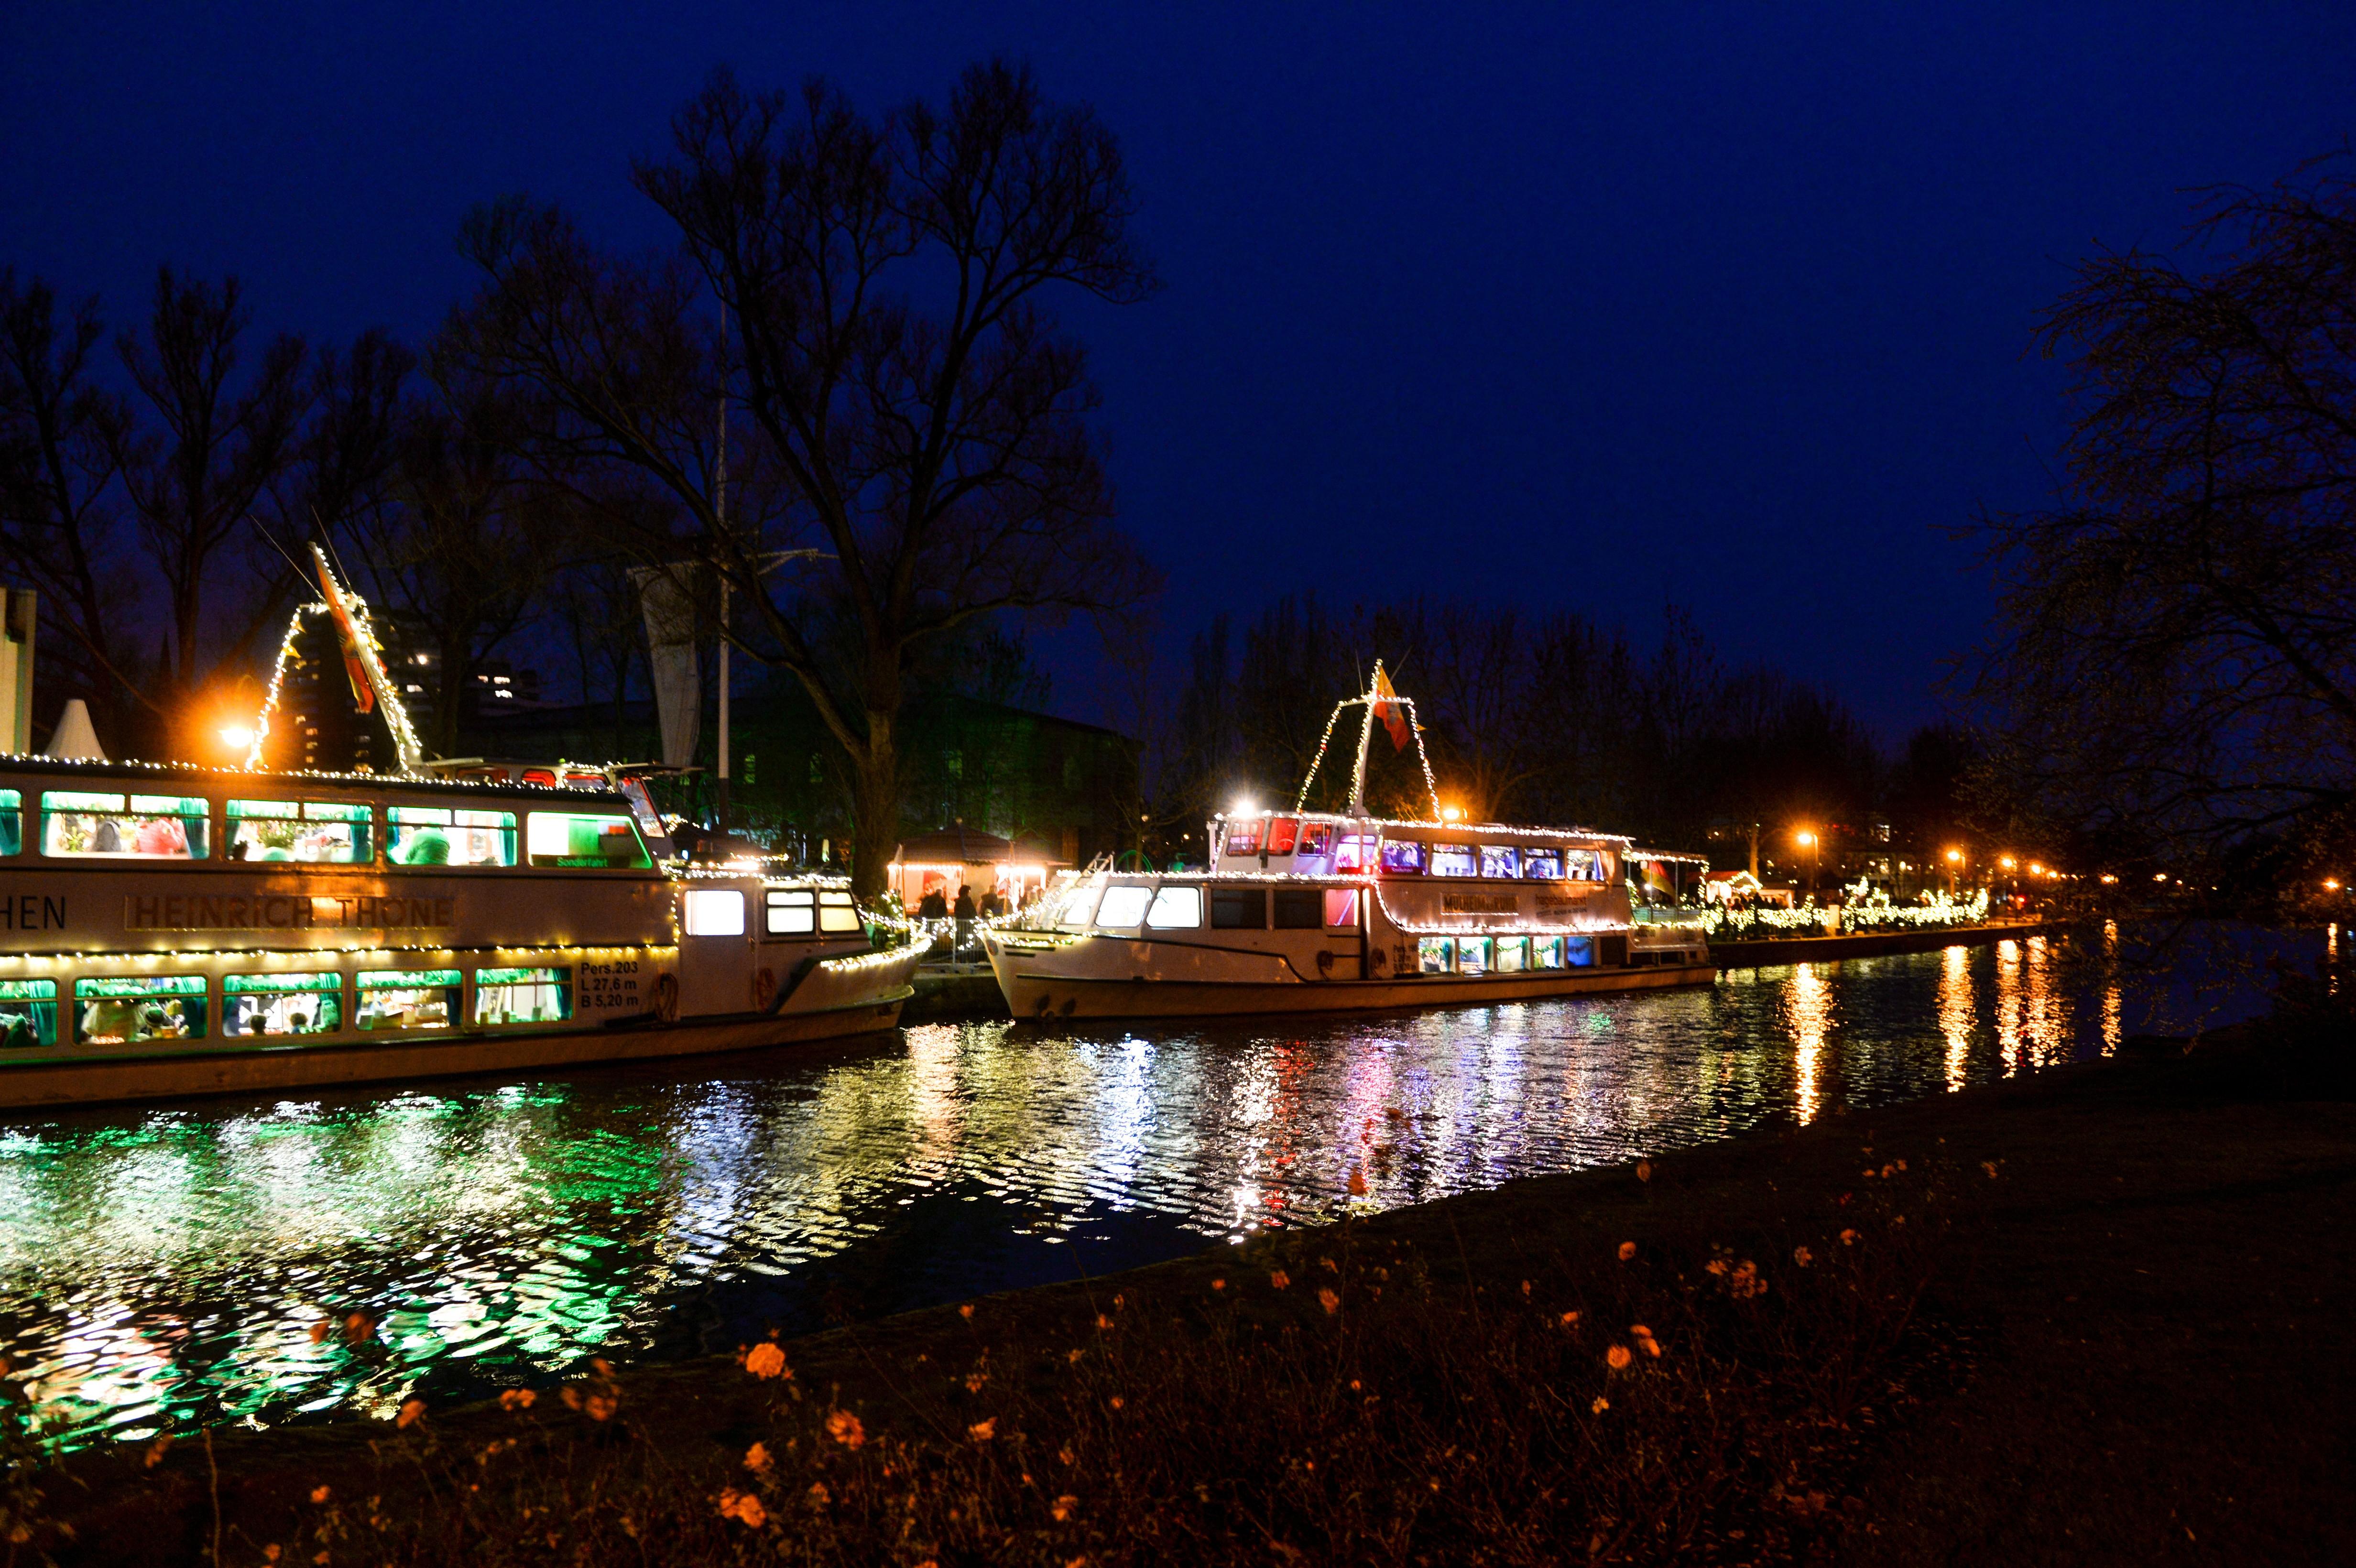 Mülheimer Schiffsweihnacht 2015 - Die Schiffe der Weißen Flotte in Weihnachtsstimmung